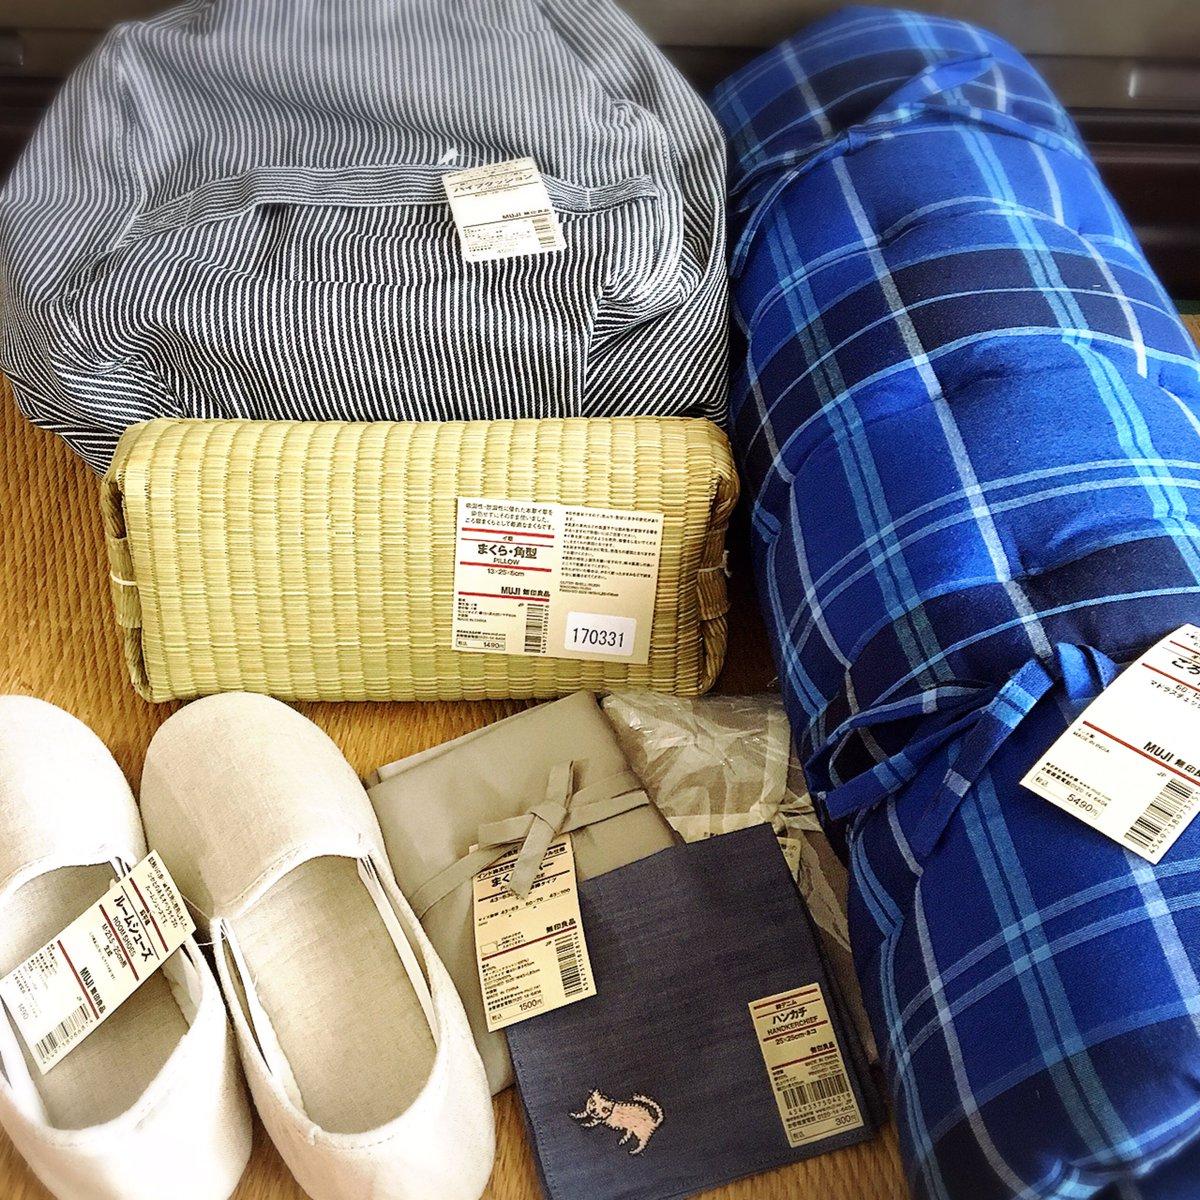 無印良品の夏の福袋、まずはファブリックス3000円。 なんやかんやで、16270円分。 パイプクッションはすでに相棒と化してます(^ ^) #無印良品  #福袋 #無印福袋 ...